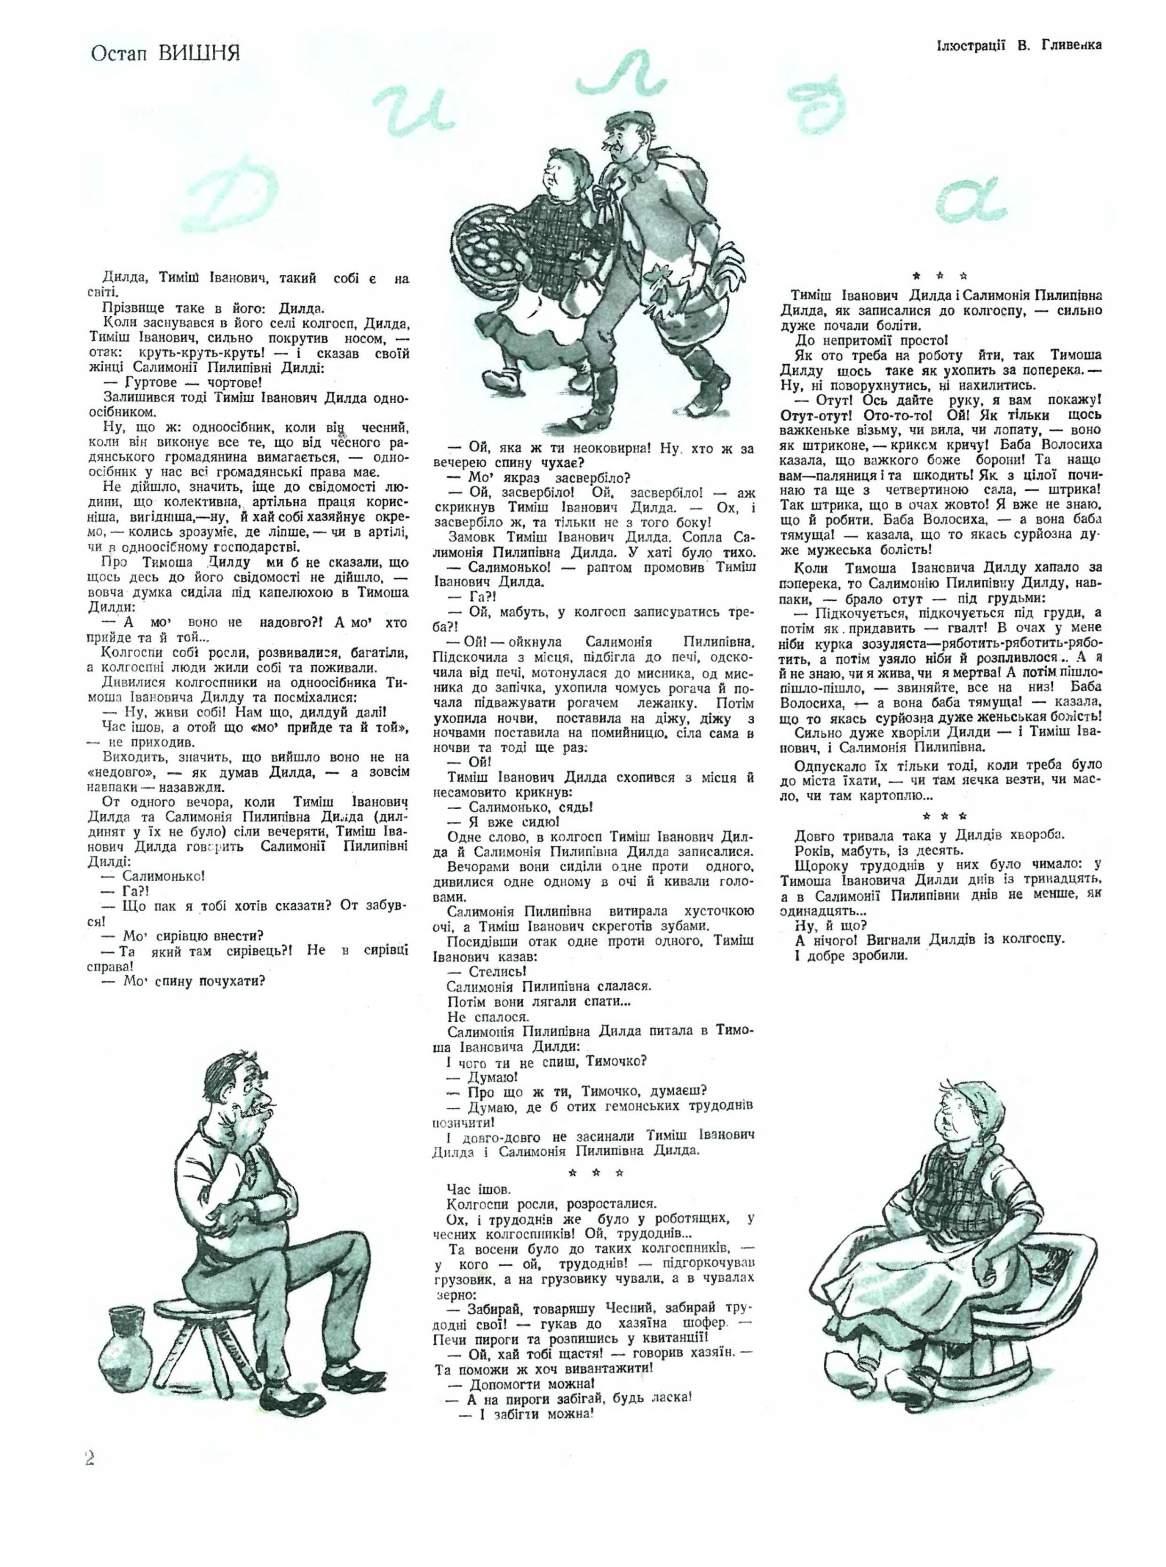 Журнал перець 1948 №08